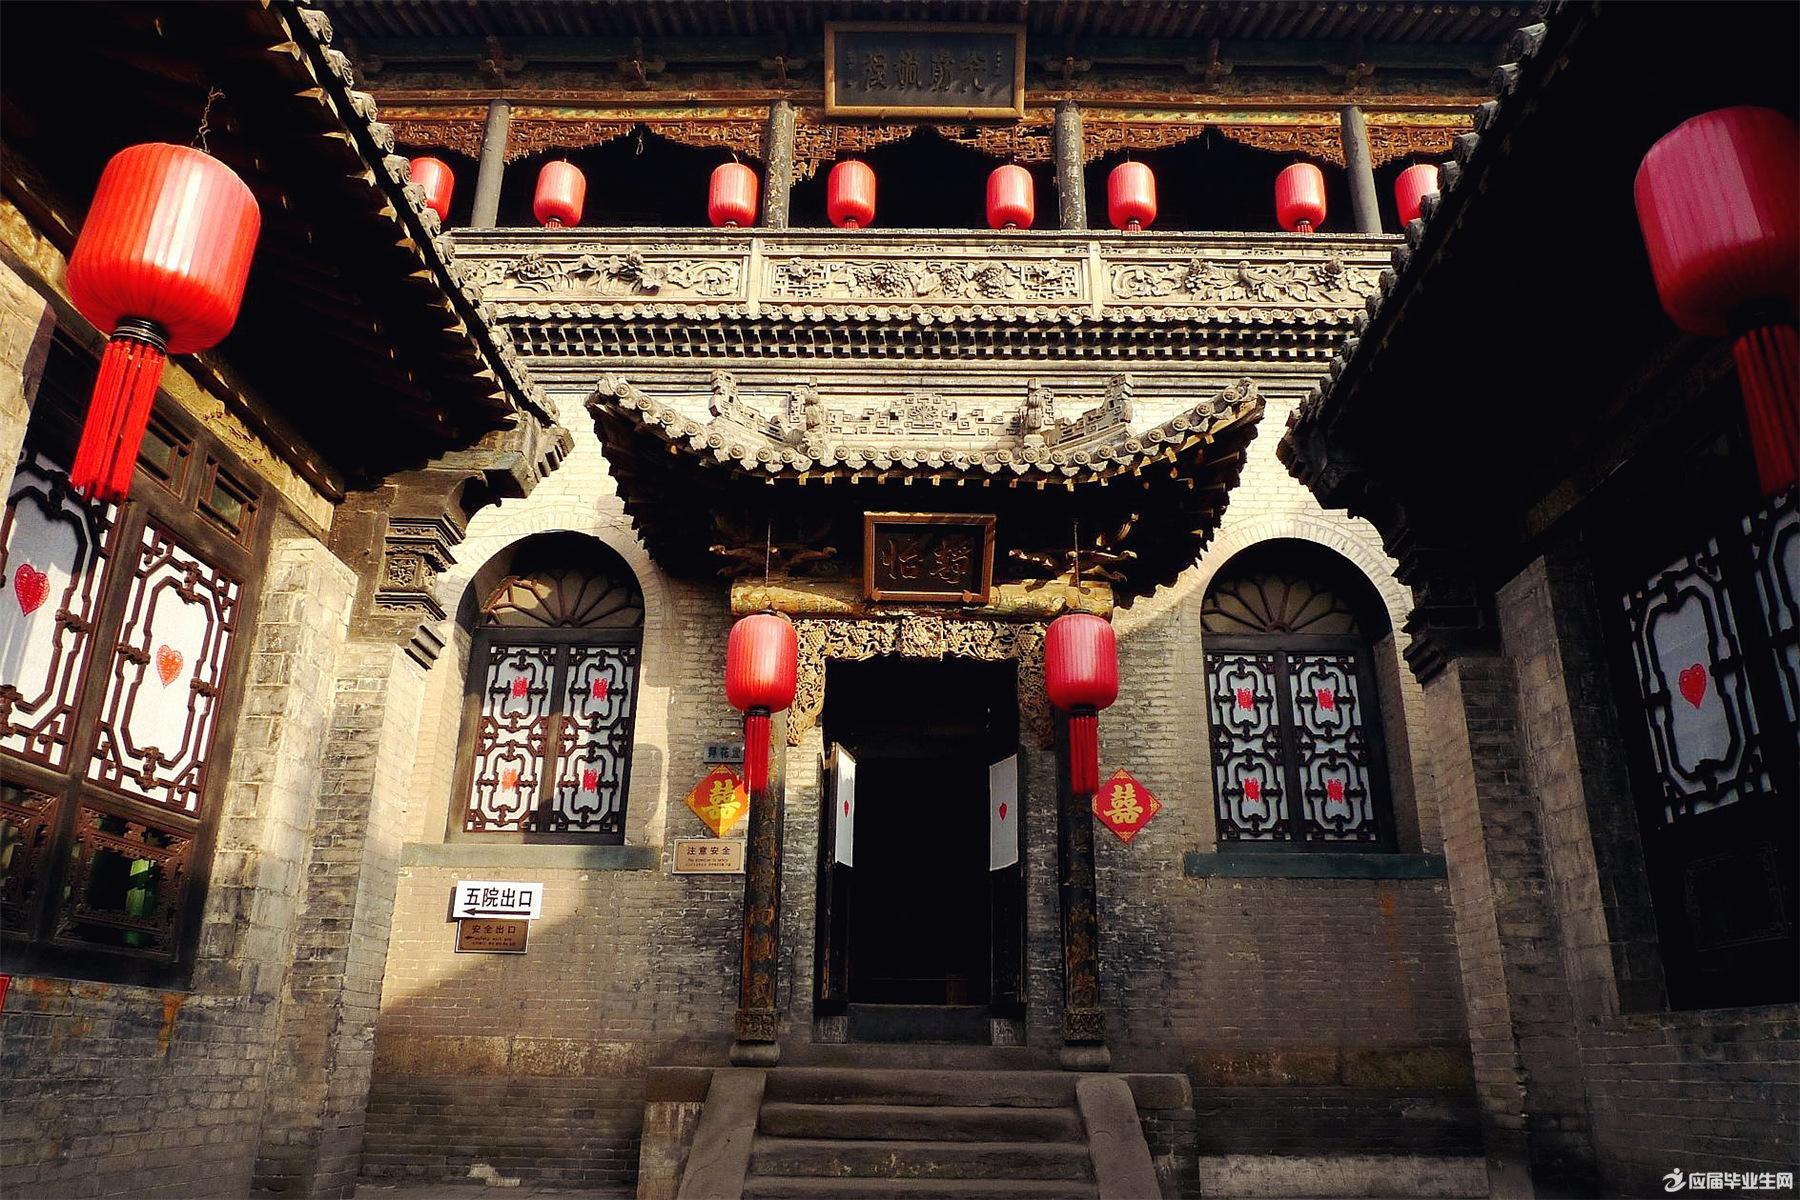 【寒假】【晋享中国年】五台山、云冈石窟、平遥古城、乔家大院4晚5日游